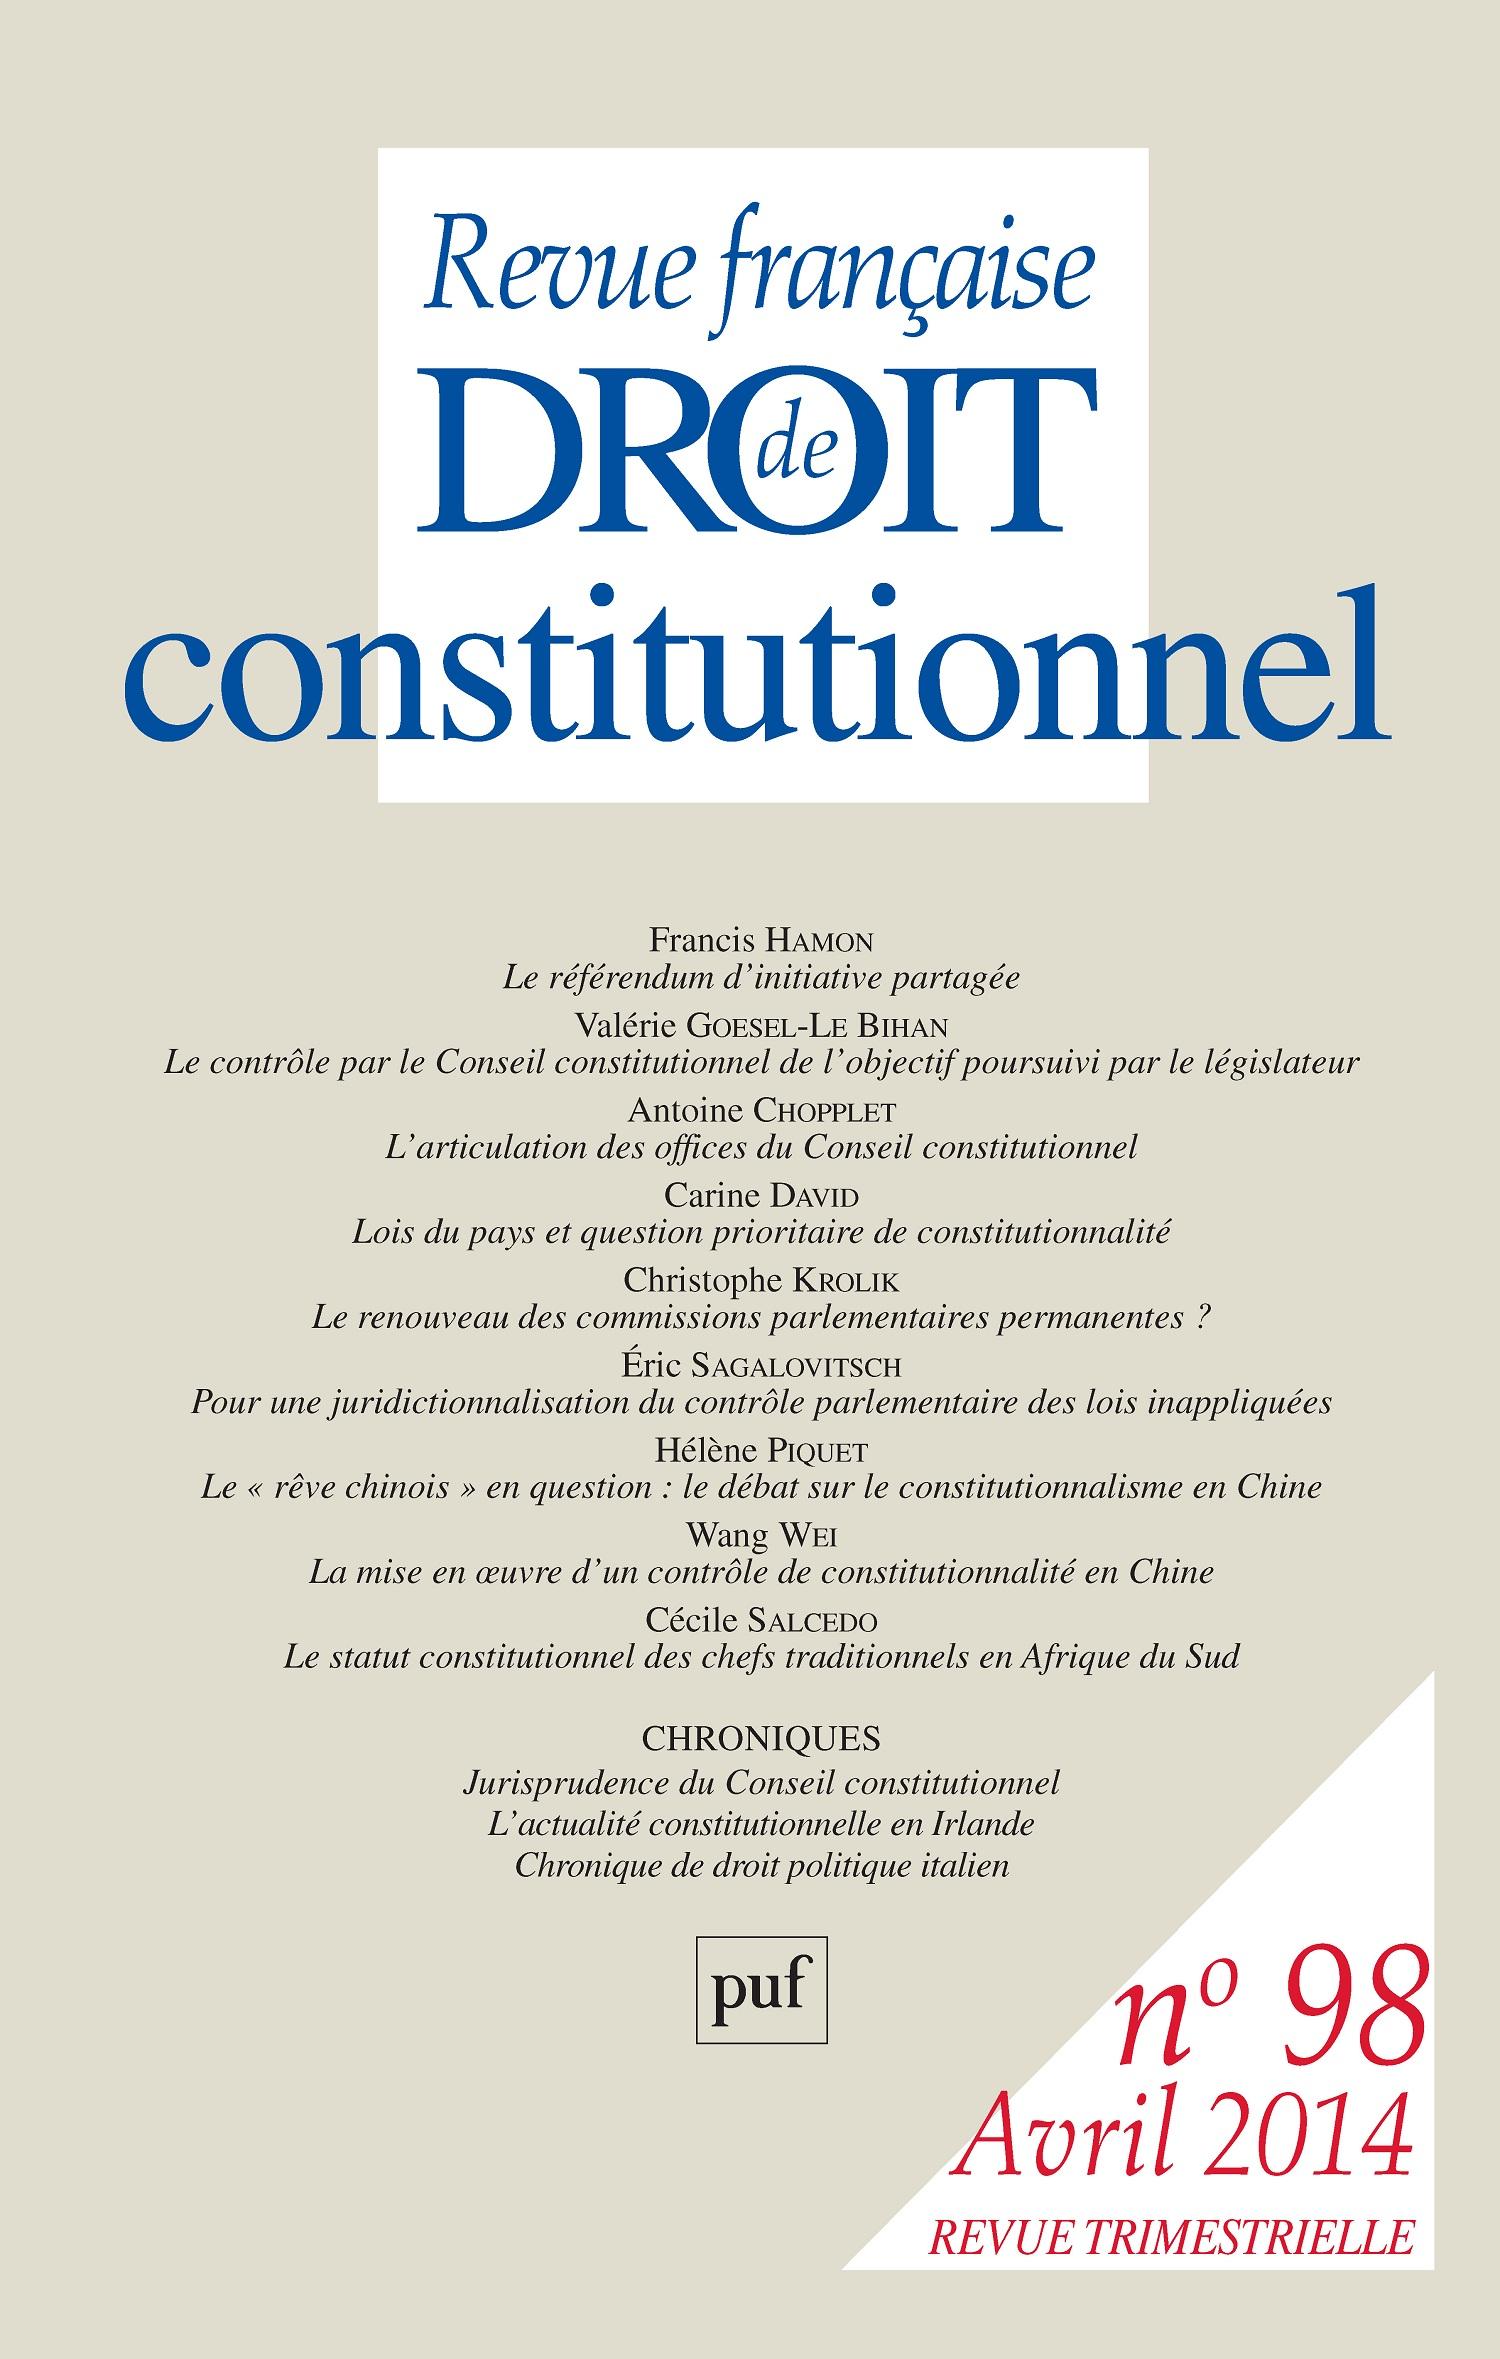 Composition Chambre Des Deputes Italie